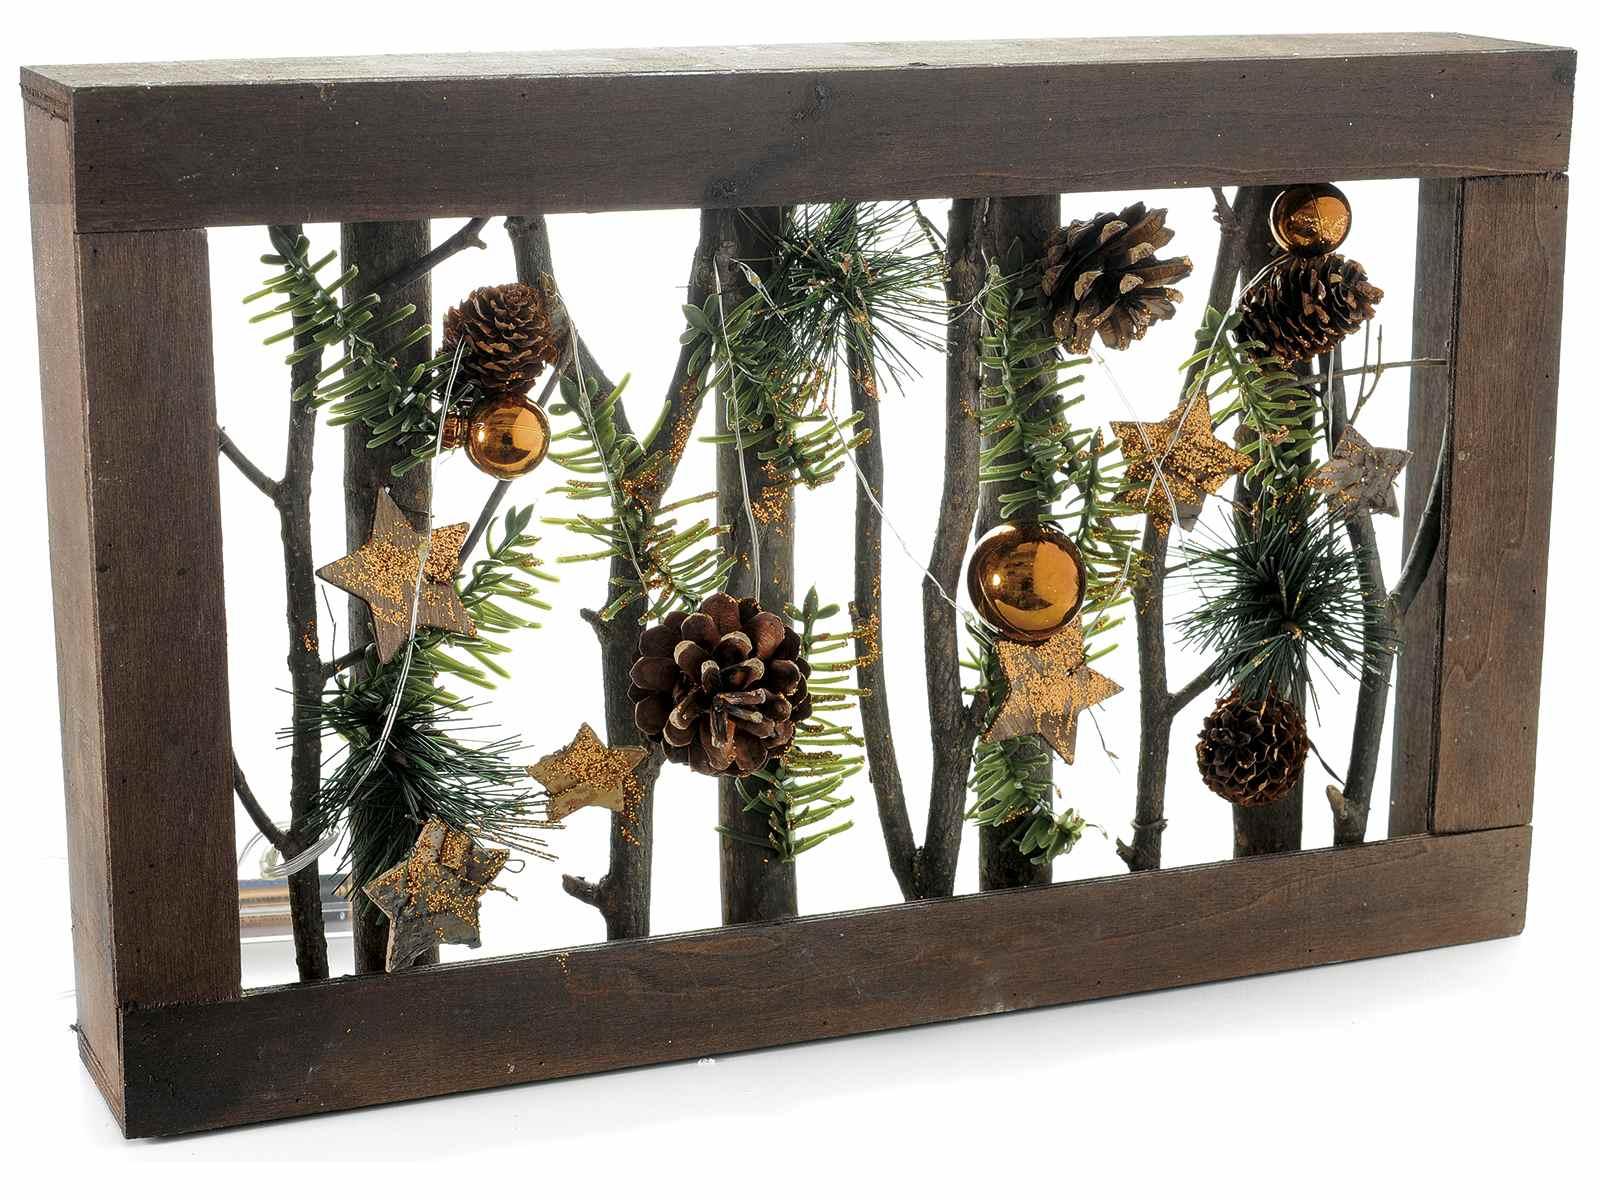 Cornice in legno c stelle pigne palline e luci 51.29.99 art from